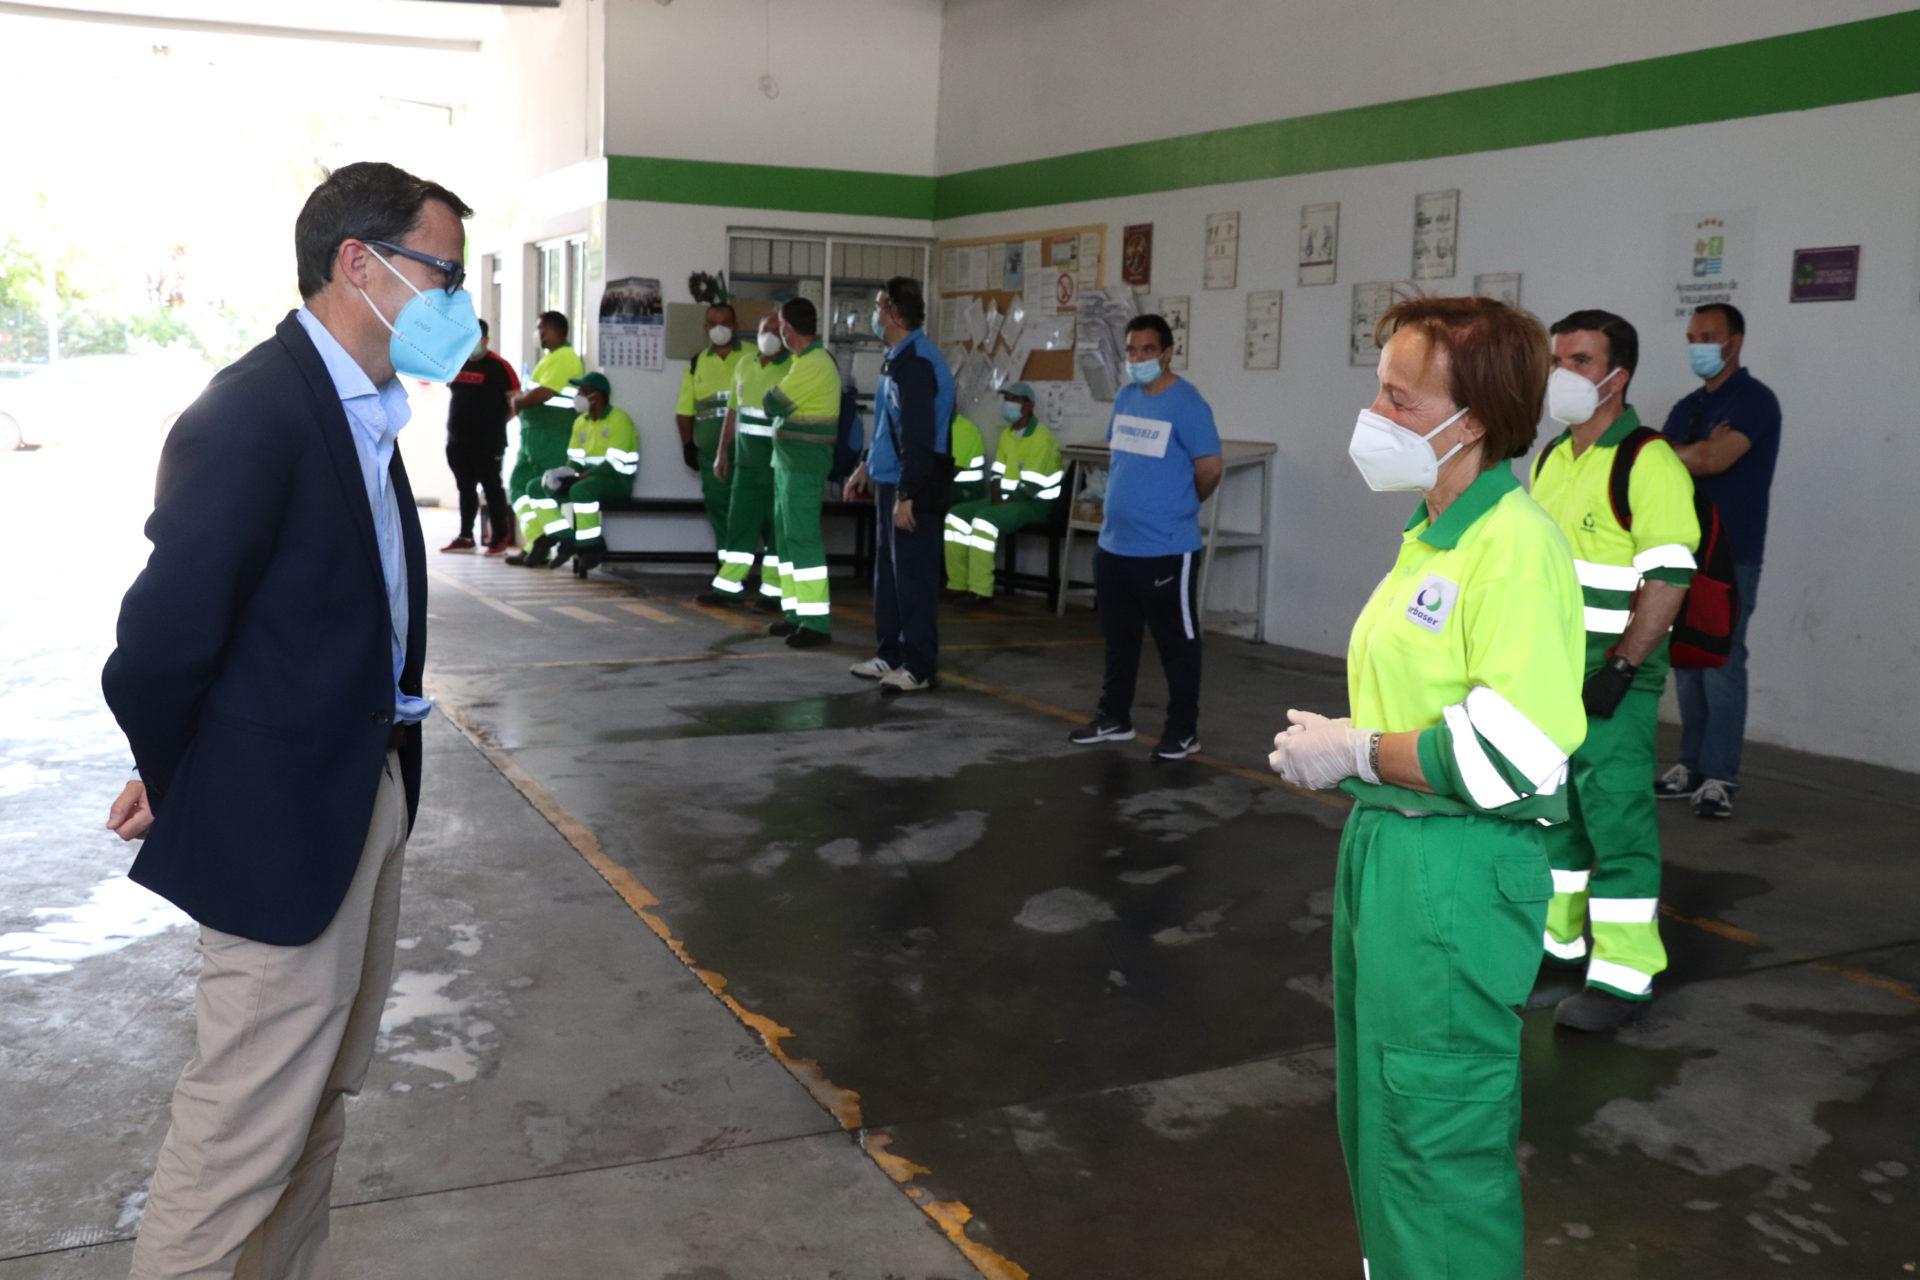 El alcalde agradece a los trabajadores de Urbaser su trabajo